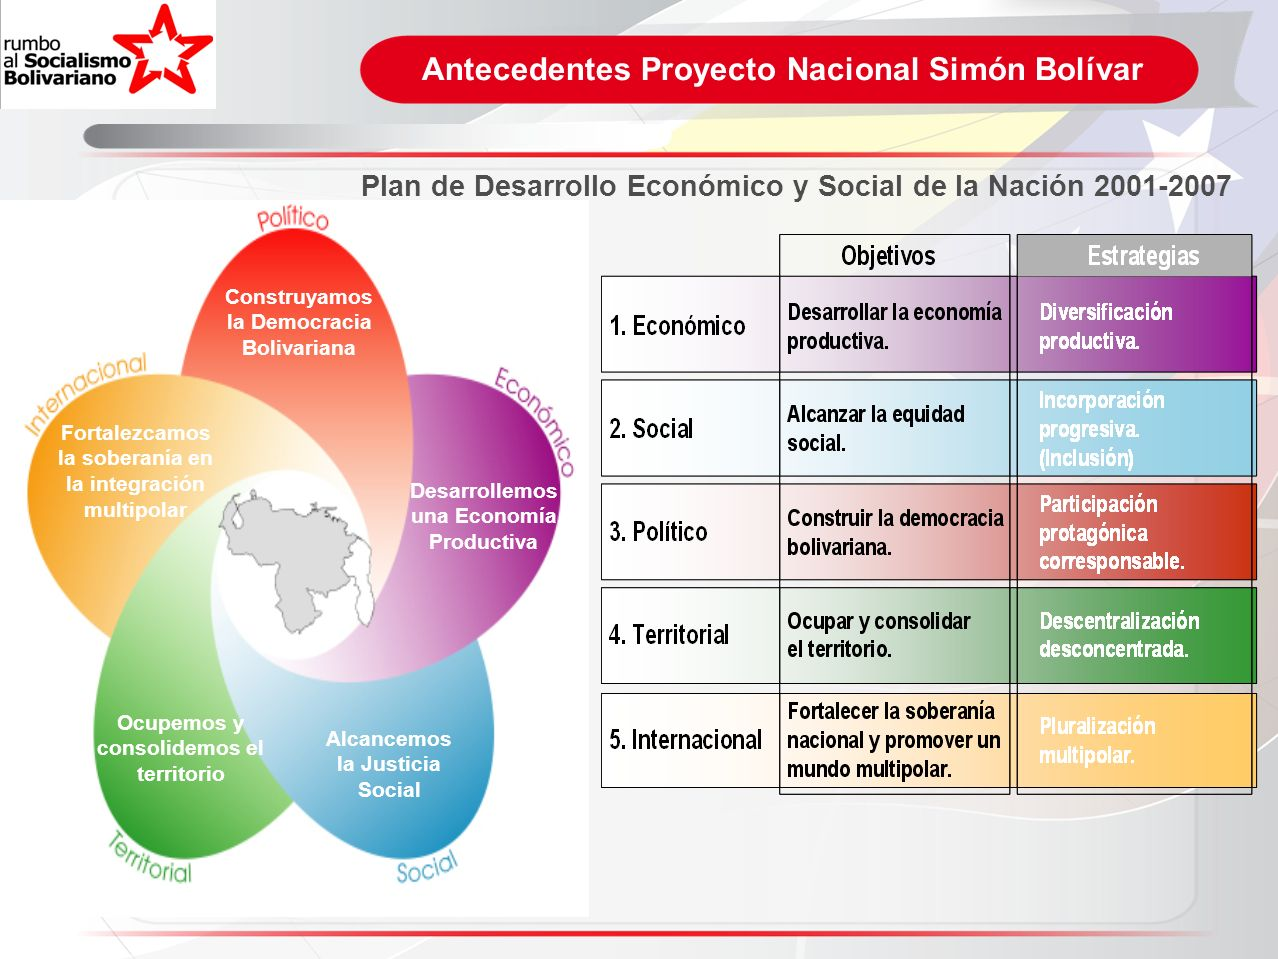 Proyecto Nacional Simón Bolívar Estructura social incluyente donde todos vivamos en similares condiciones.